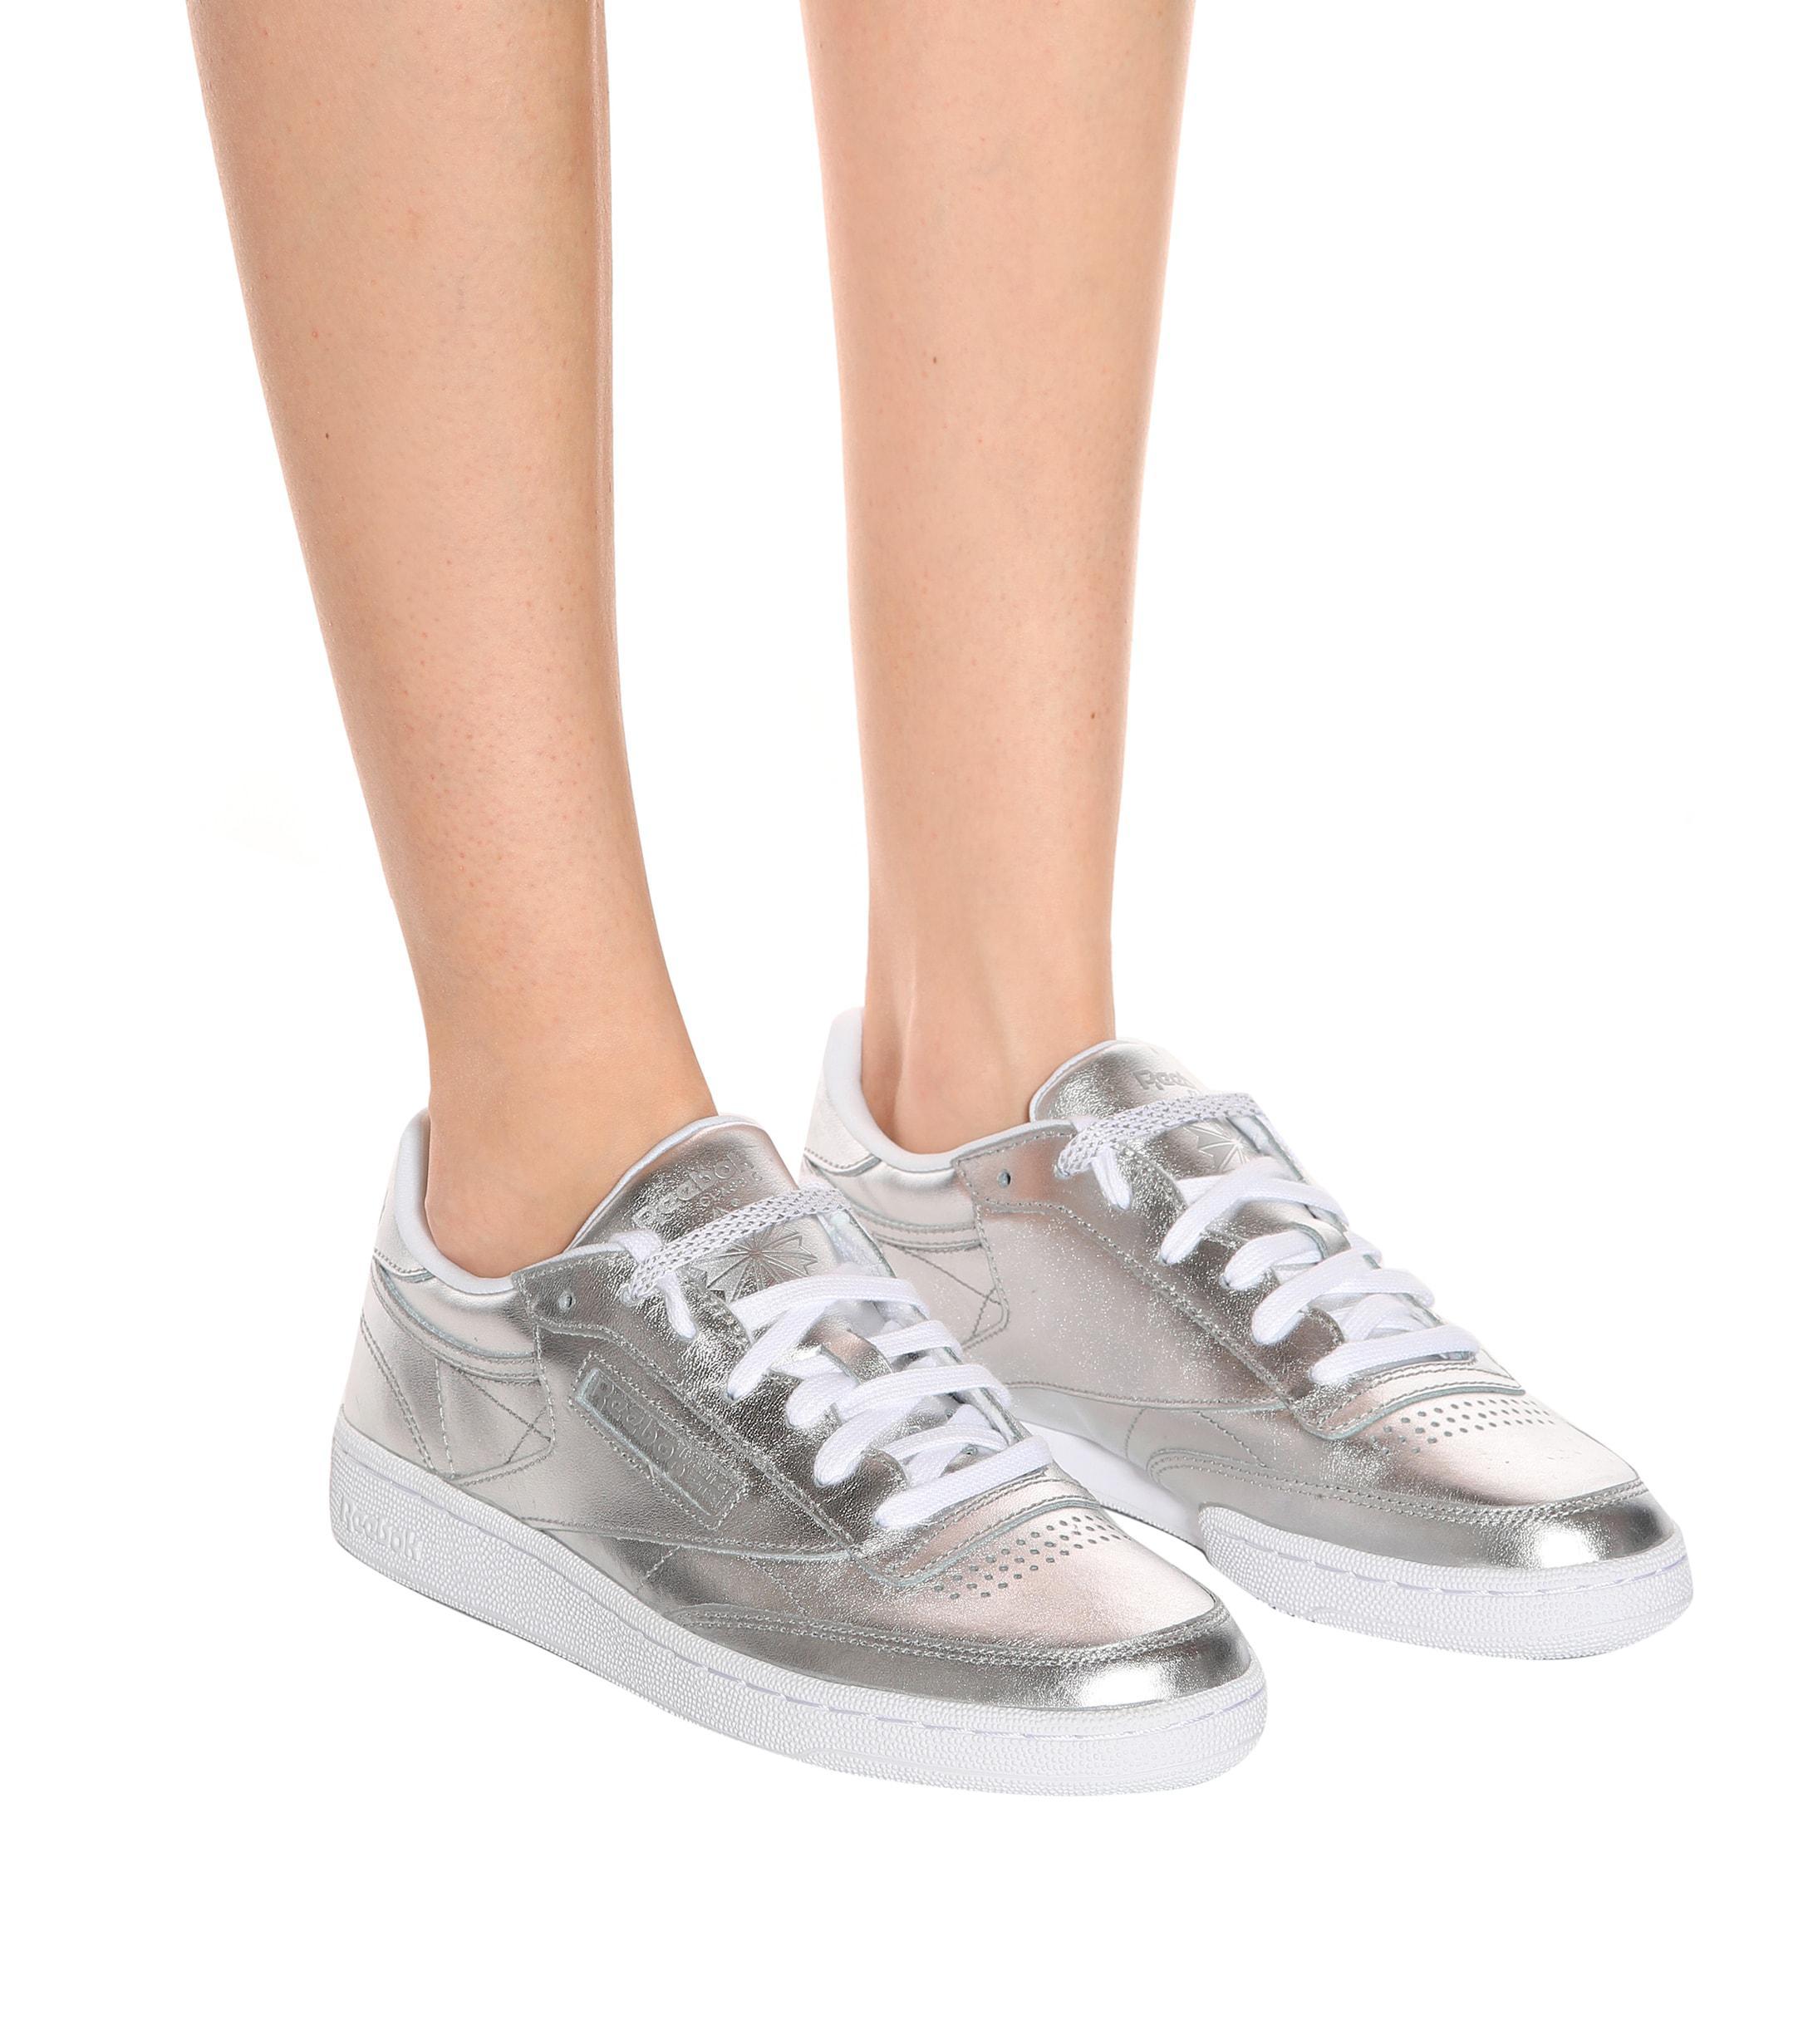 Reebok Club C Leather Sneakers in Silver (Metallic)